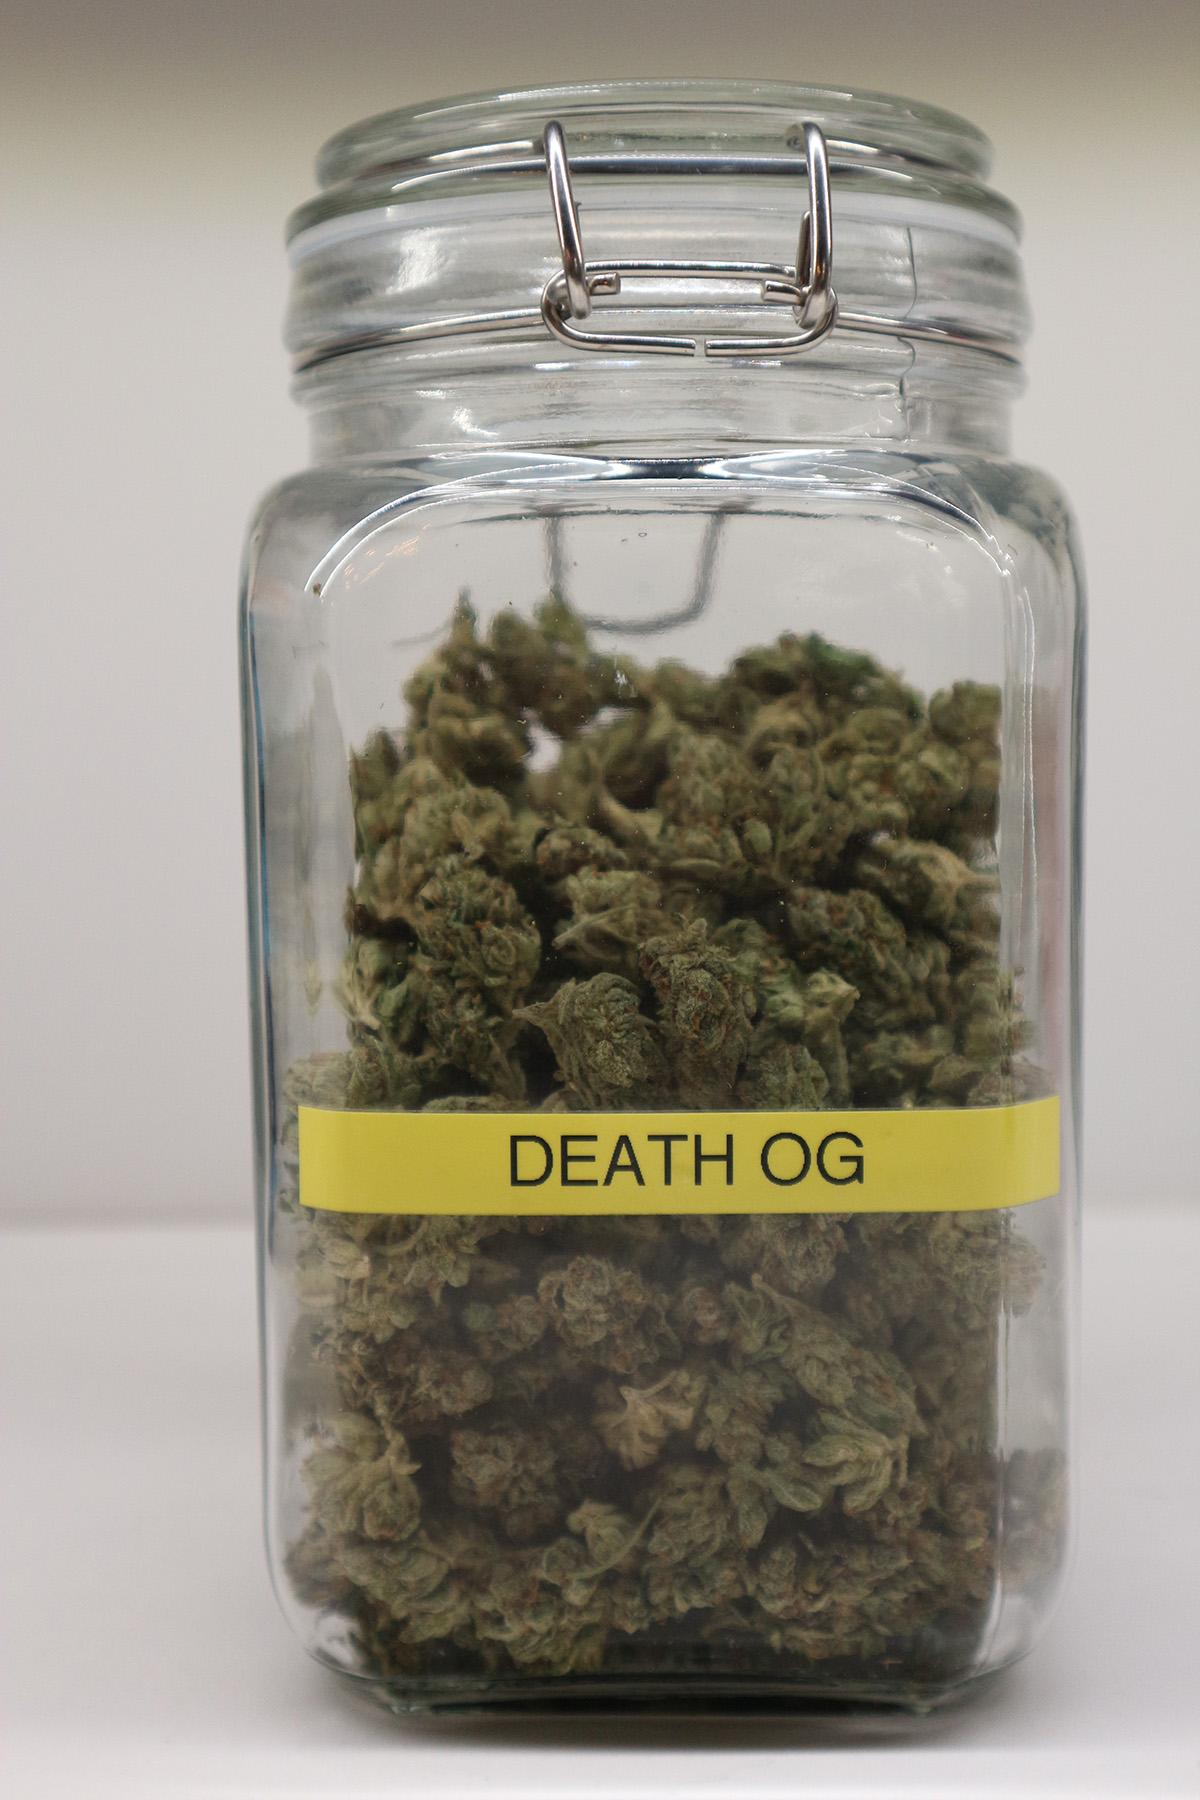 Death OG